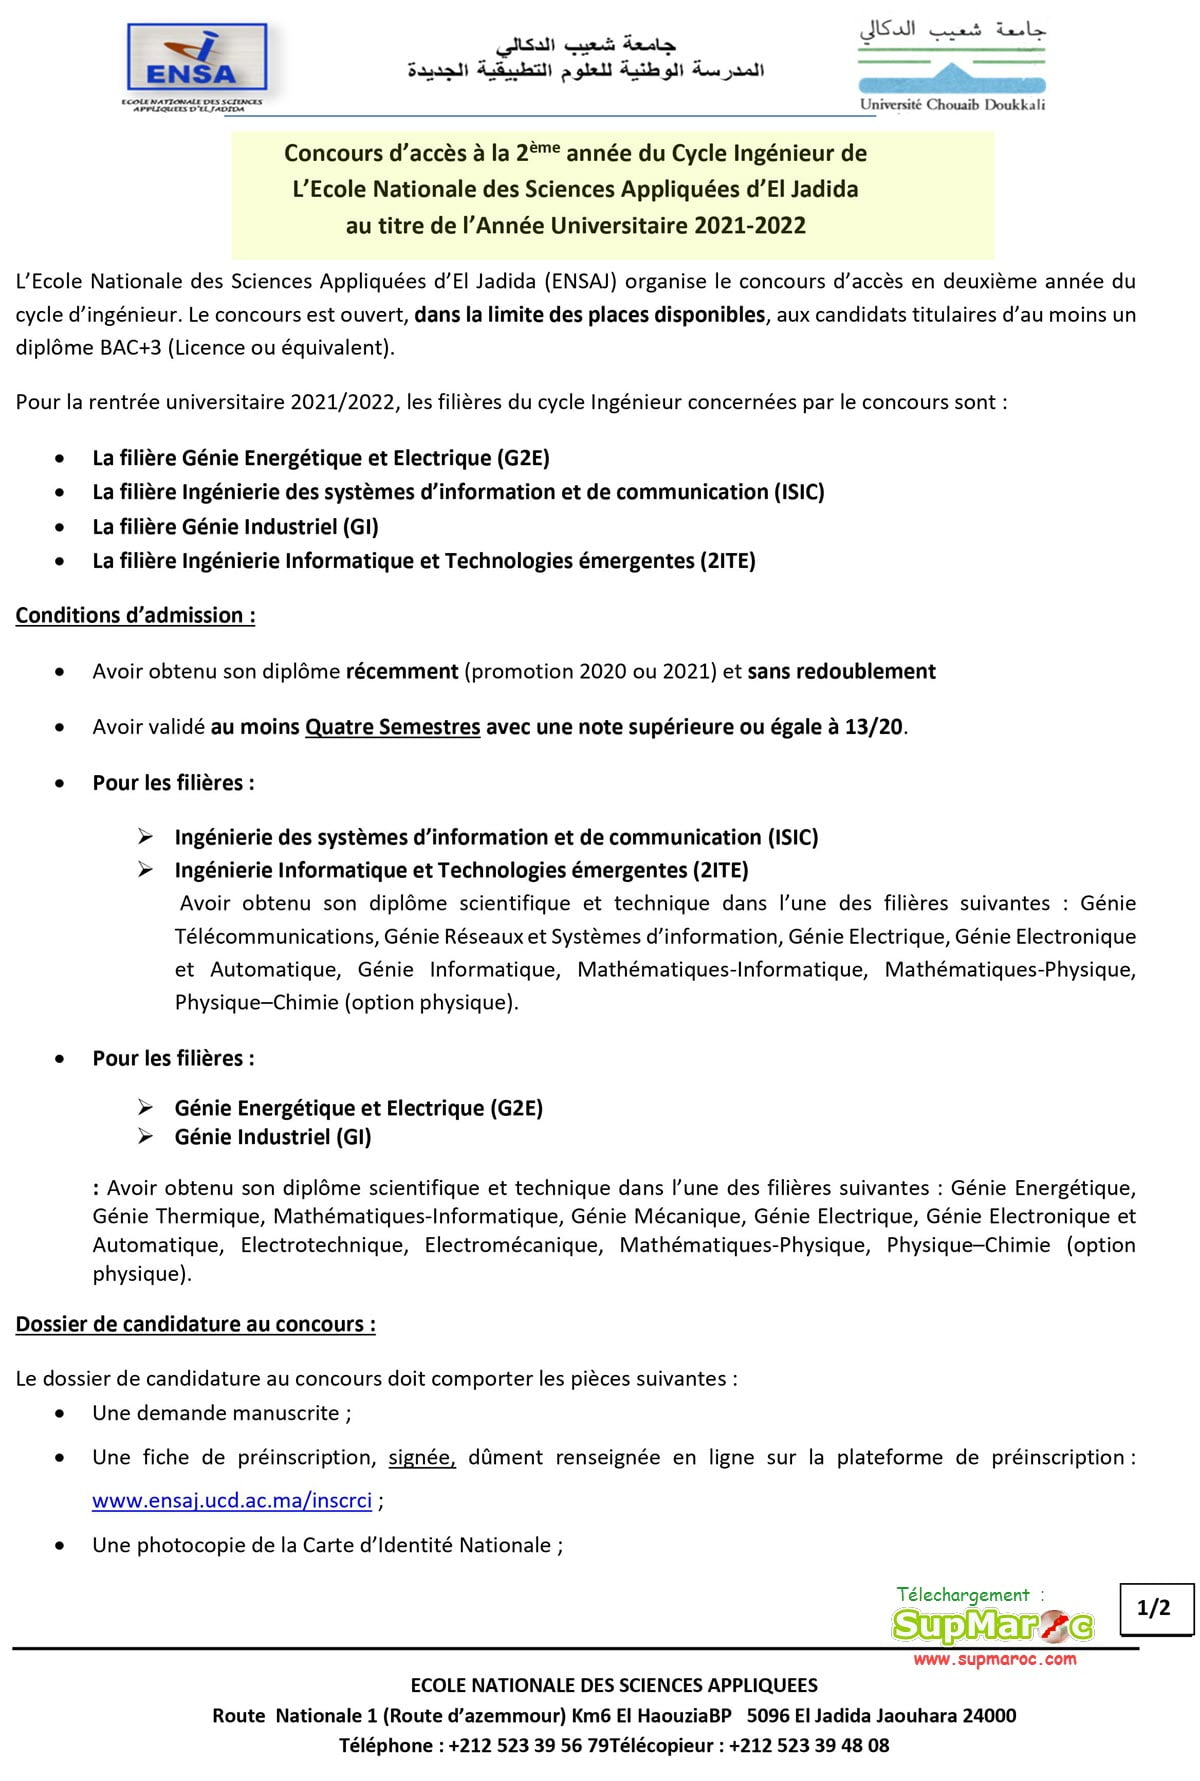 ENSA El jadida Concours  2eme année C.Ingénieur 2021 2022